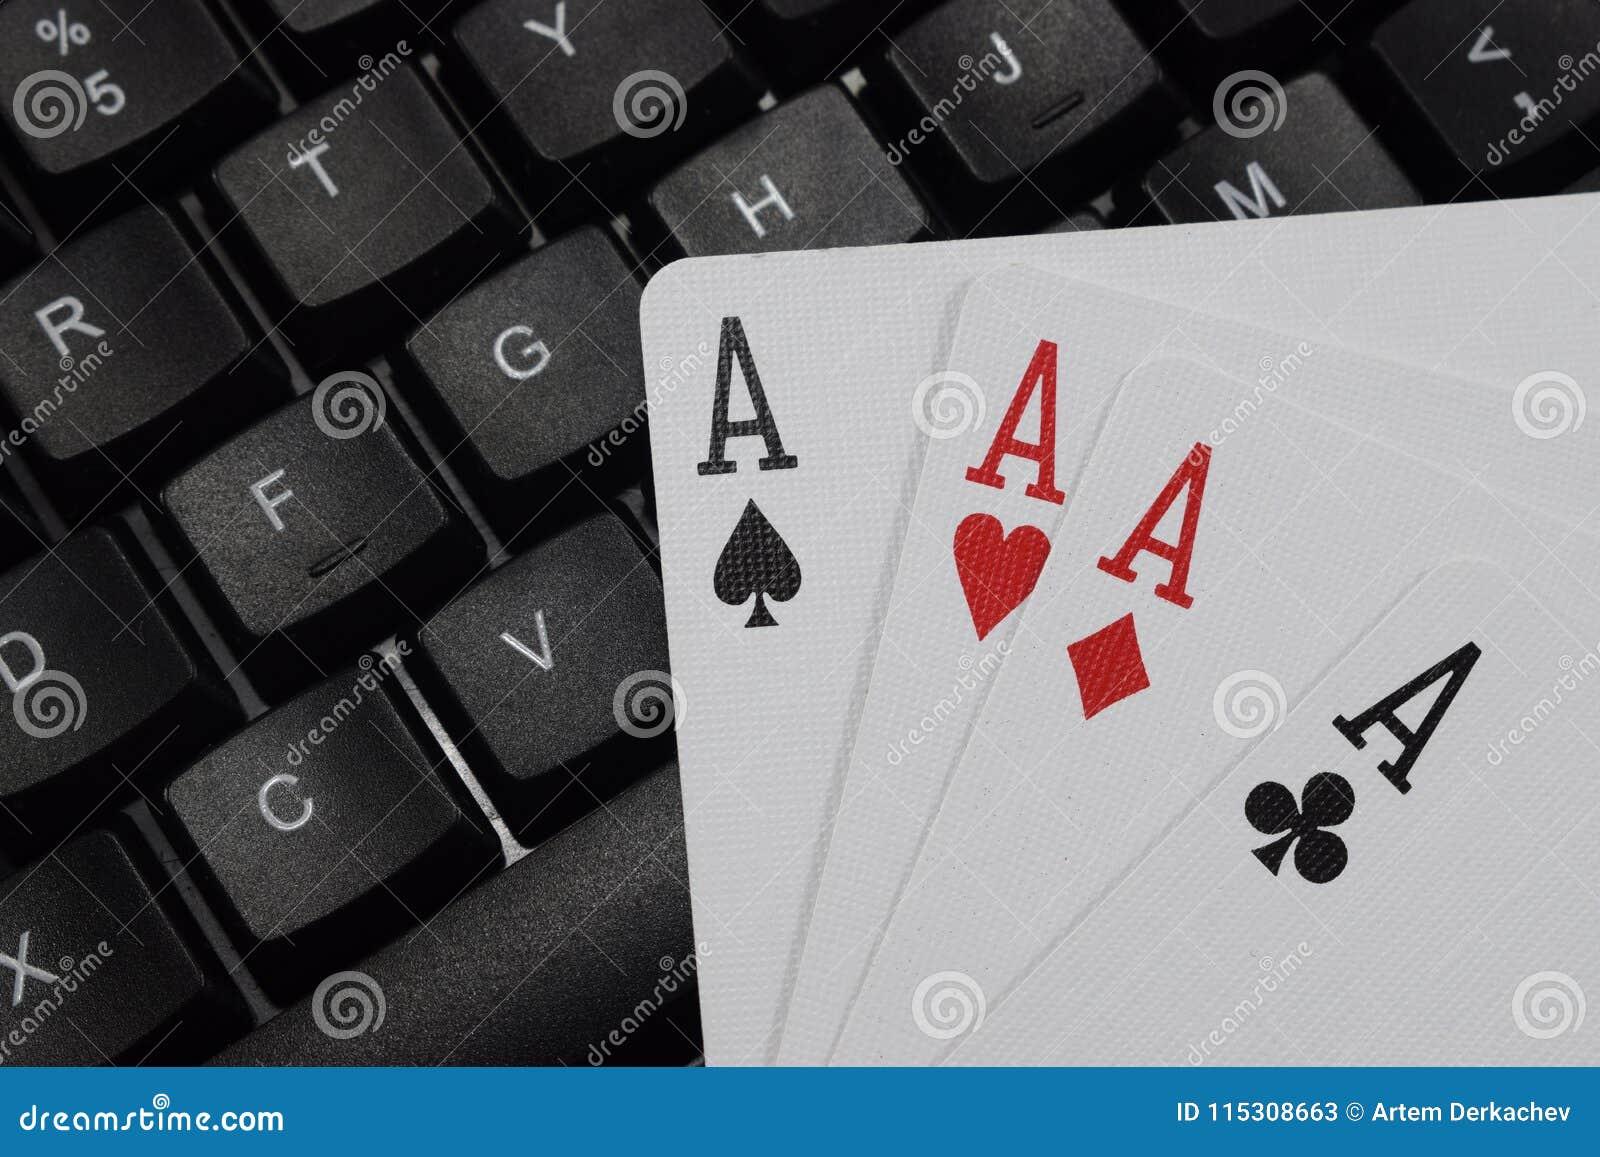 Казино только виртуальные деньги коды для казино флинт